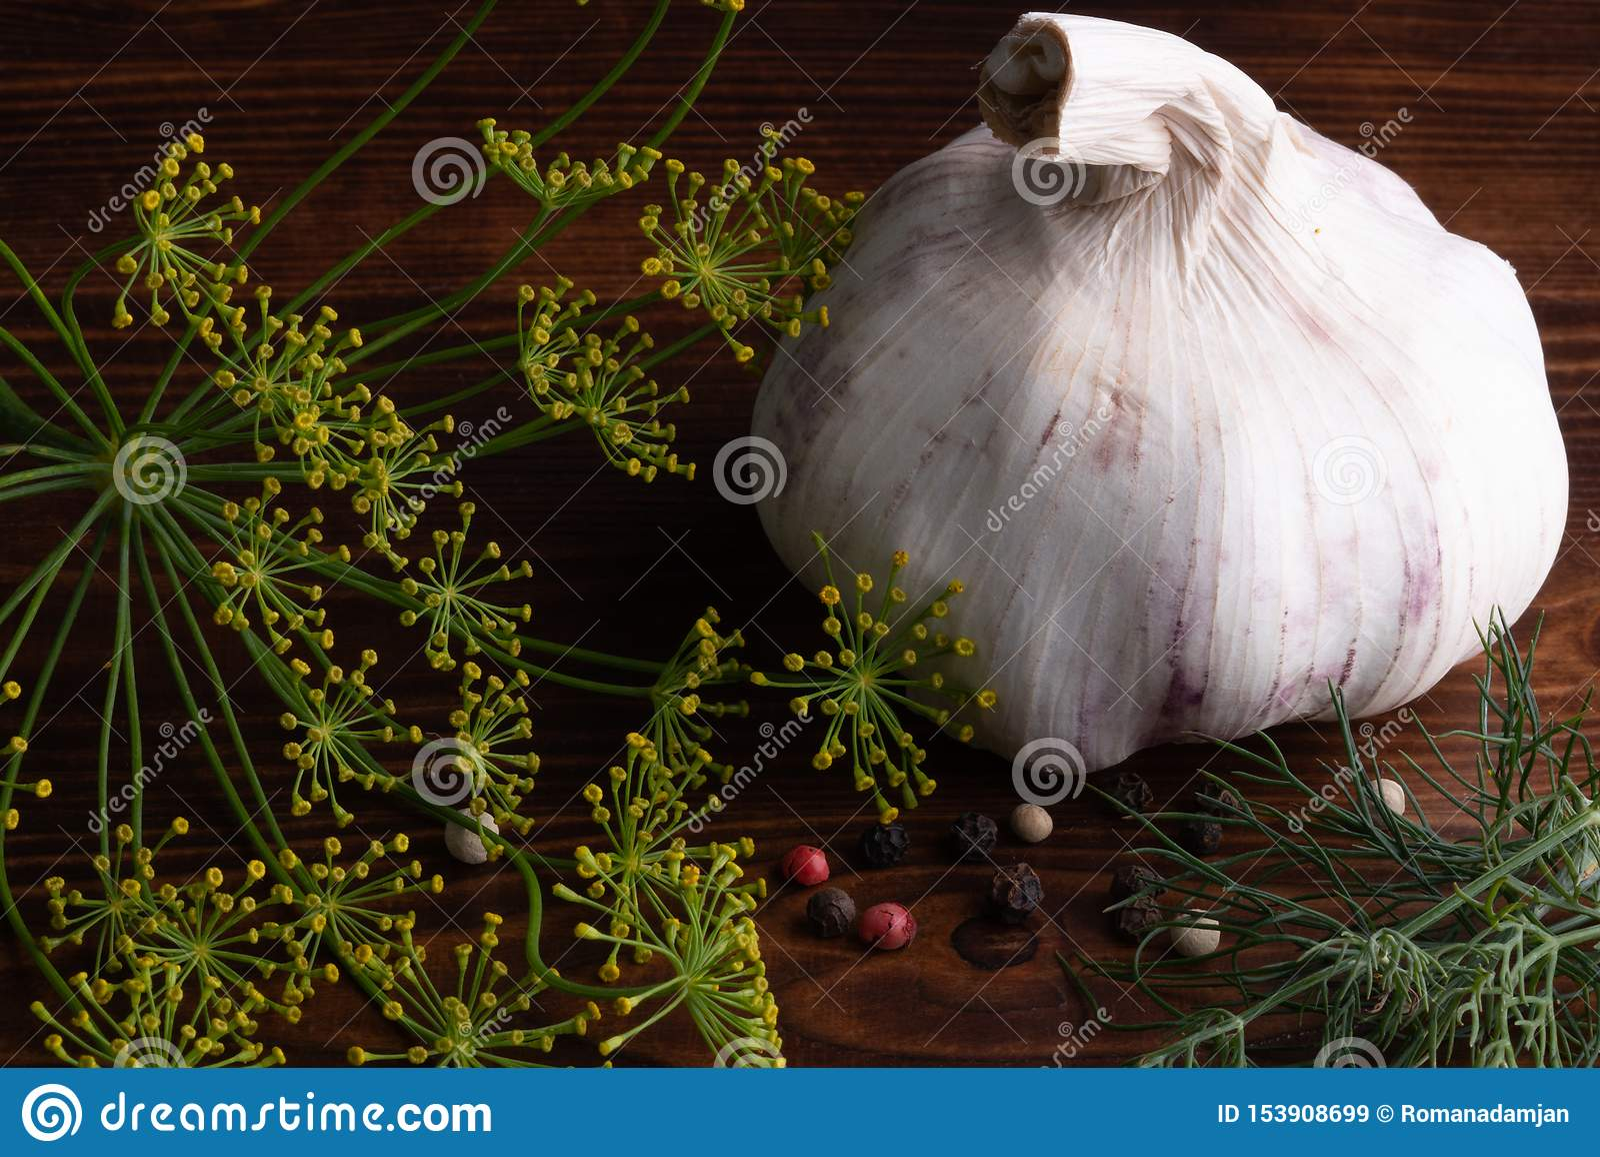 Alho enorme, rústico com pimenta preta, branca, vermelha, aneto e salsa na tabela de madeira velha Baixa chave